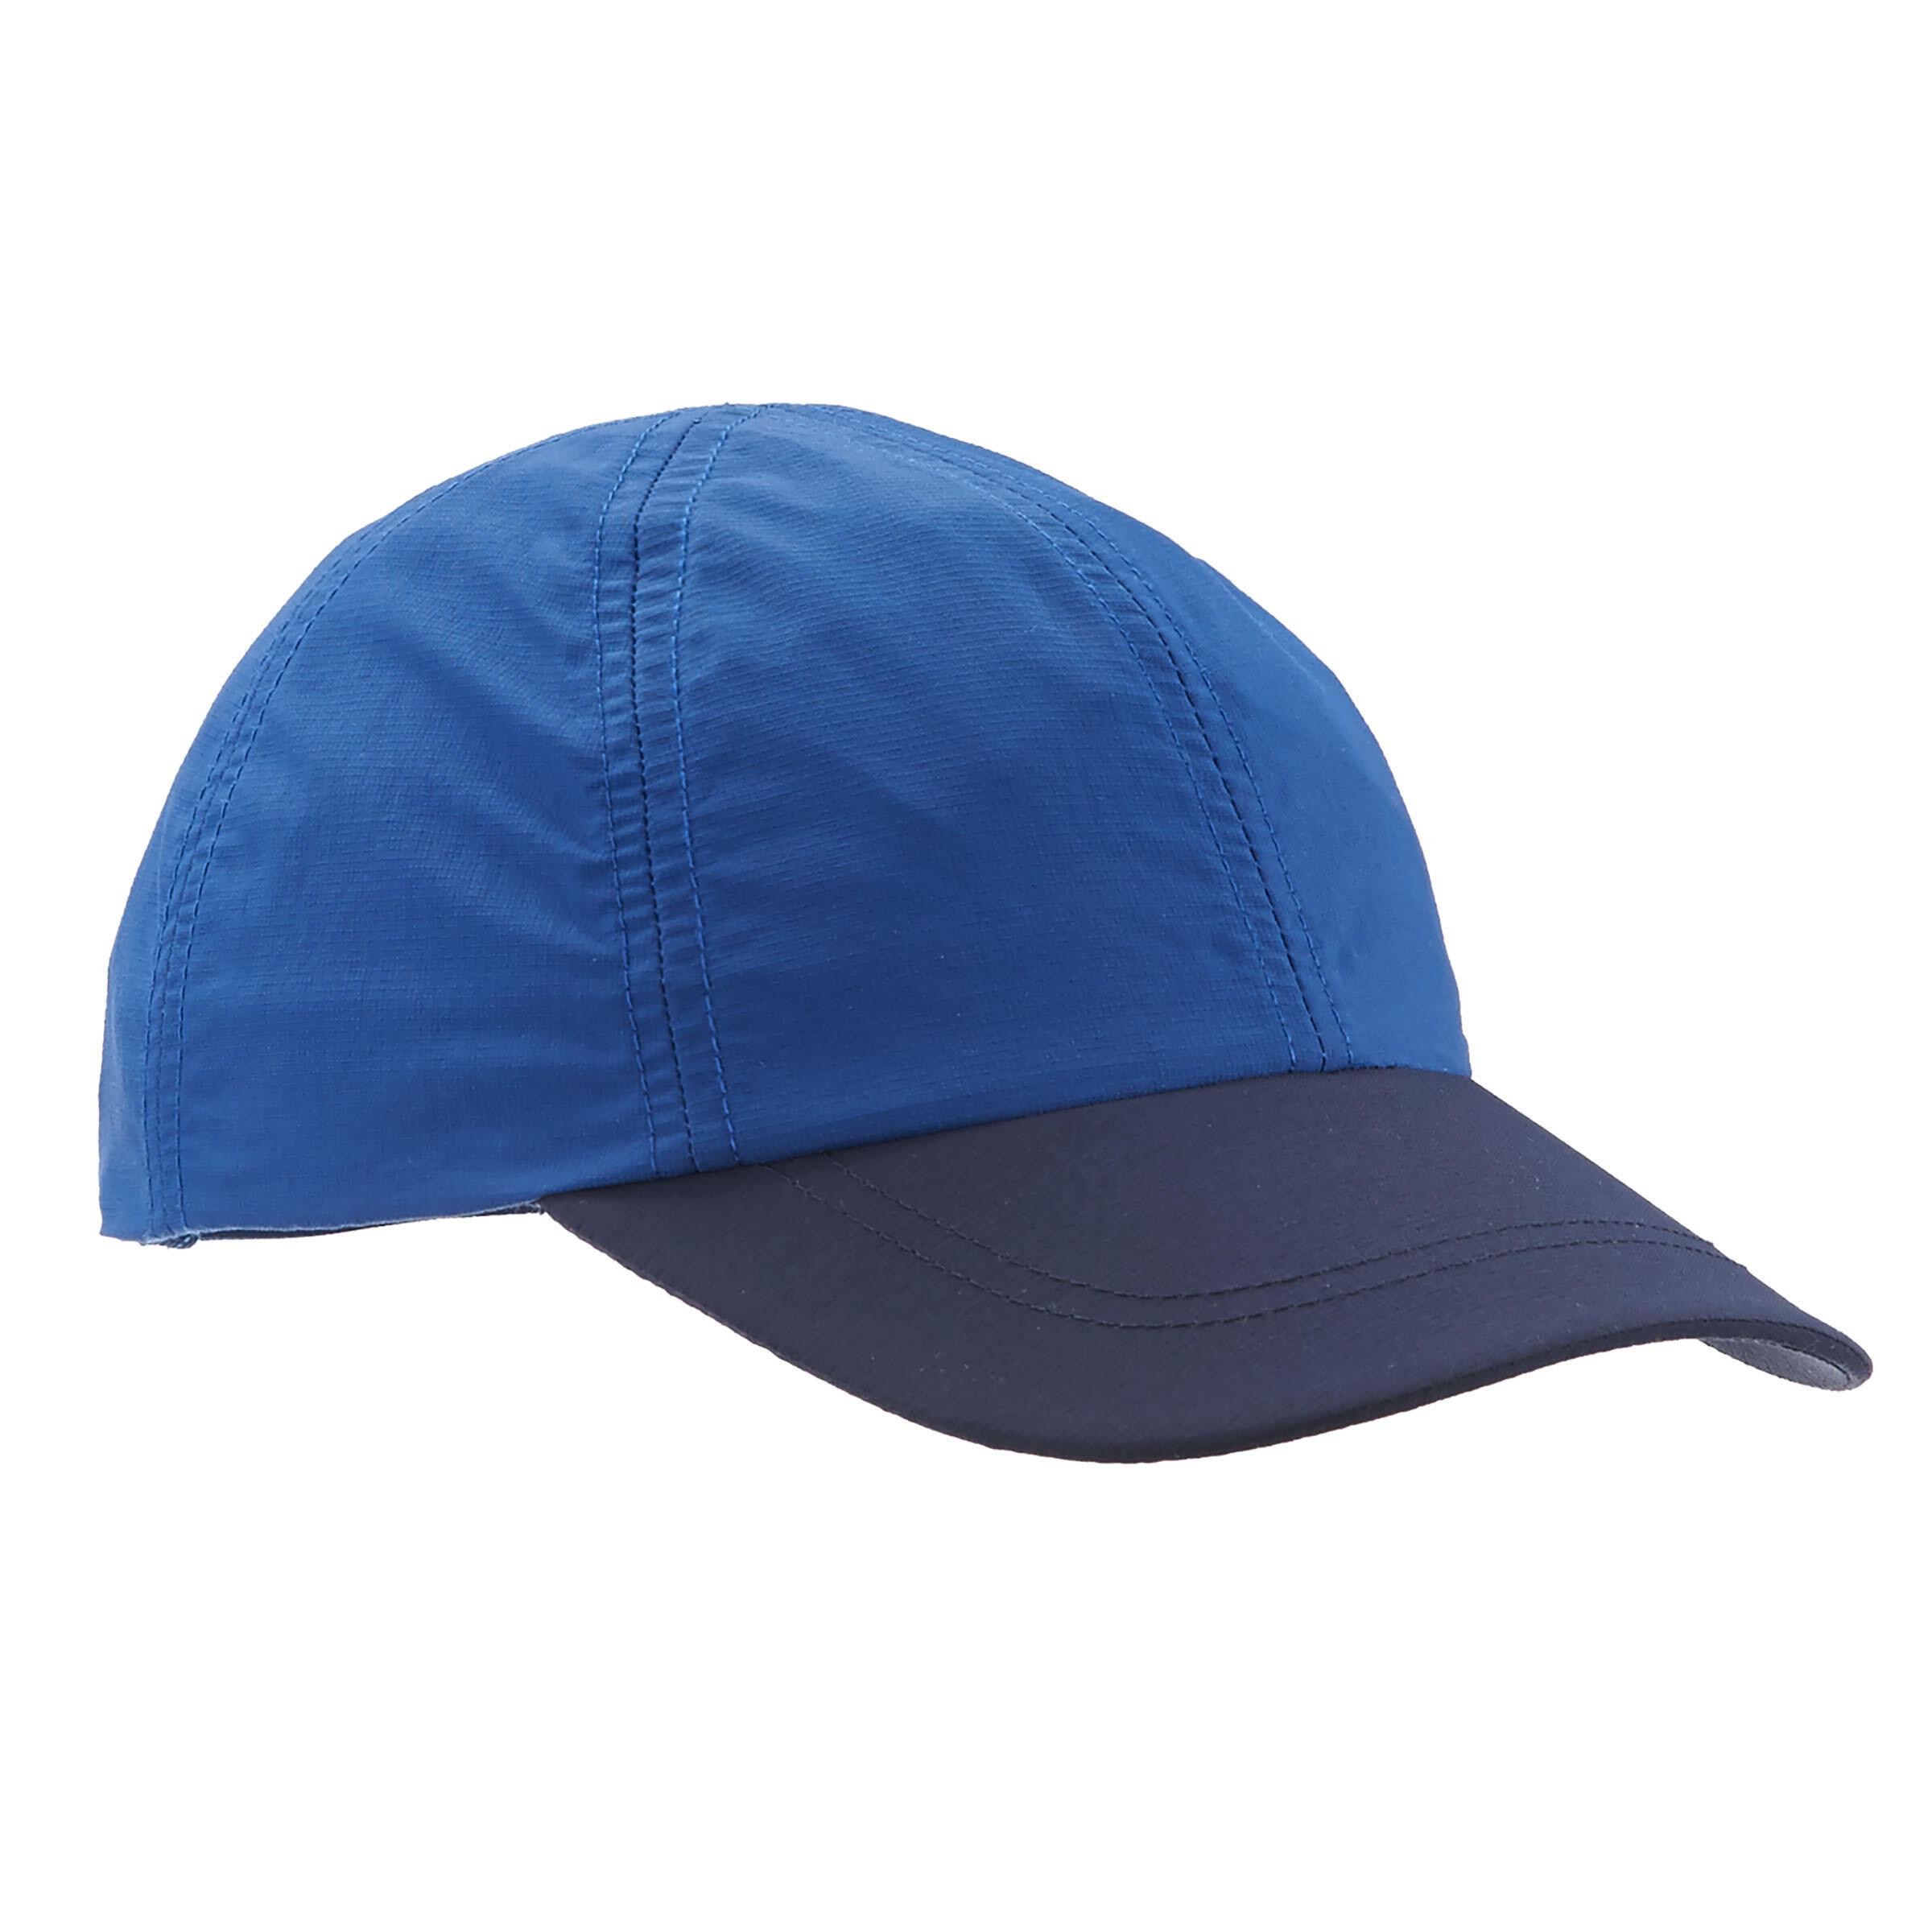 Gorra de travesía niño Hike 100 azul